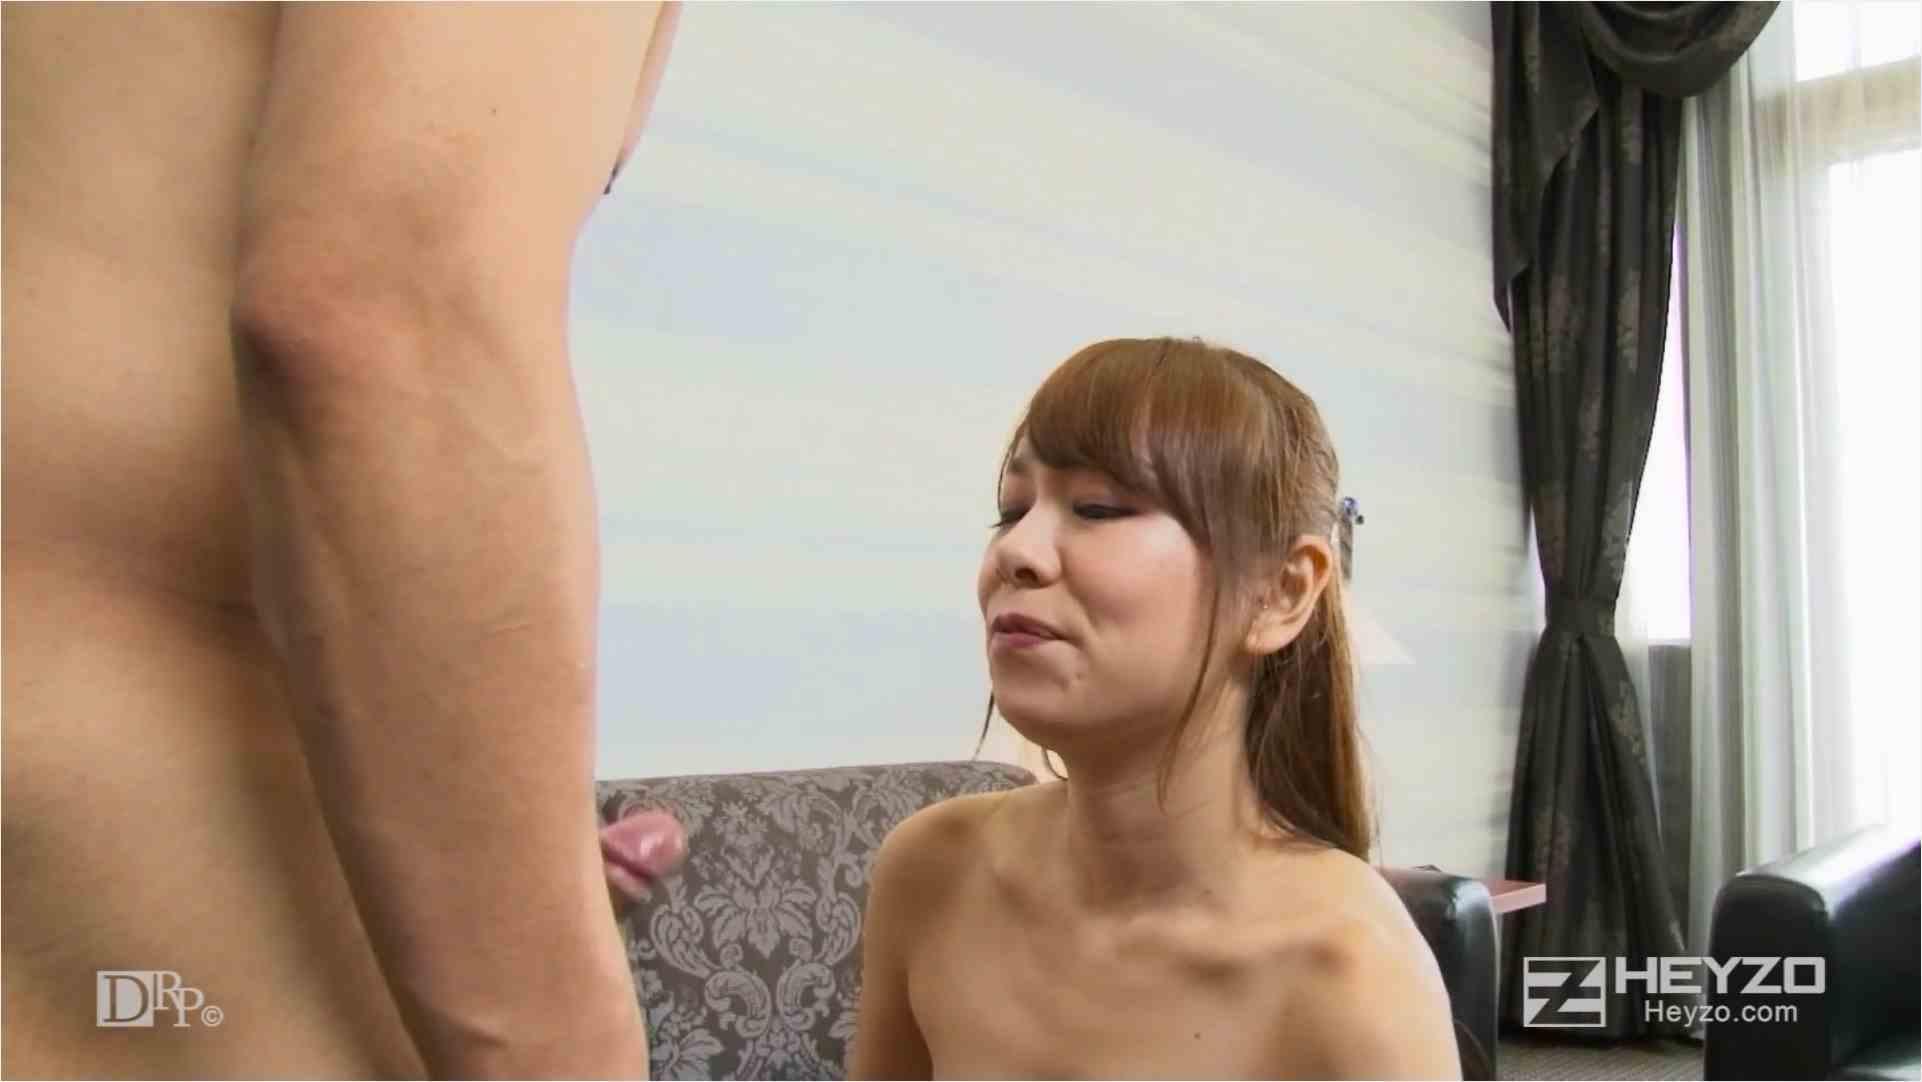 Heyzo-1213-美痴女~淫乱熟女に弄ばれる~